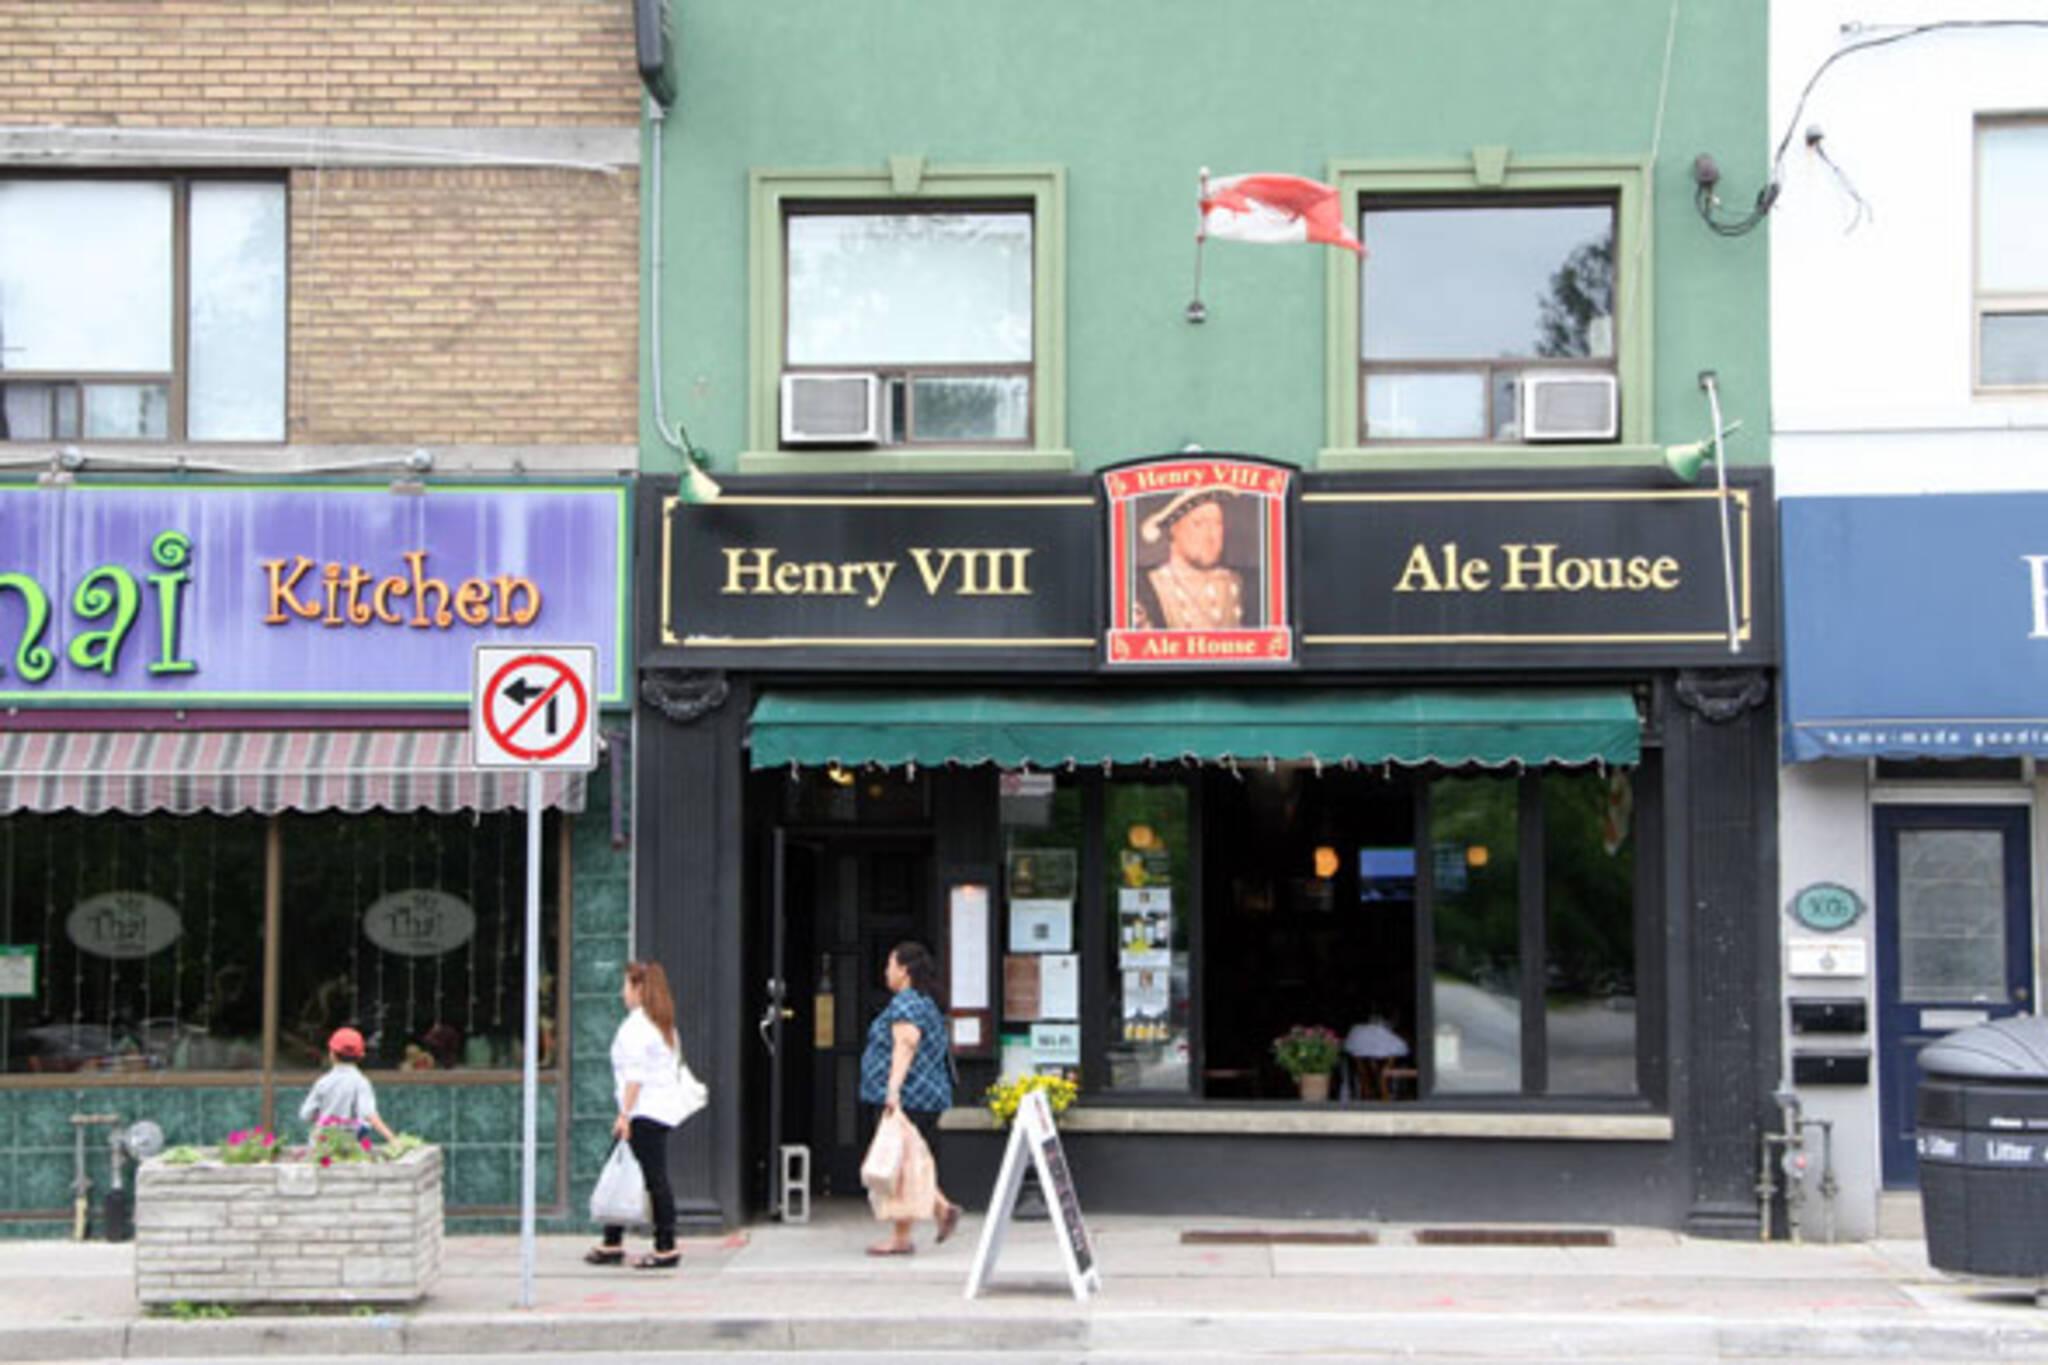 Henry VIII Ale House Toronto